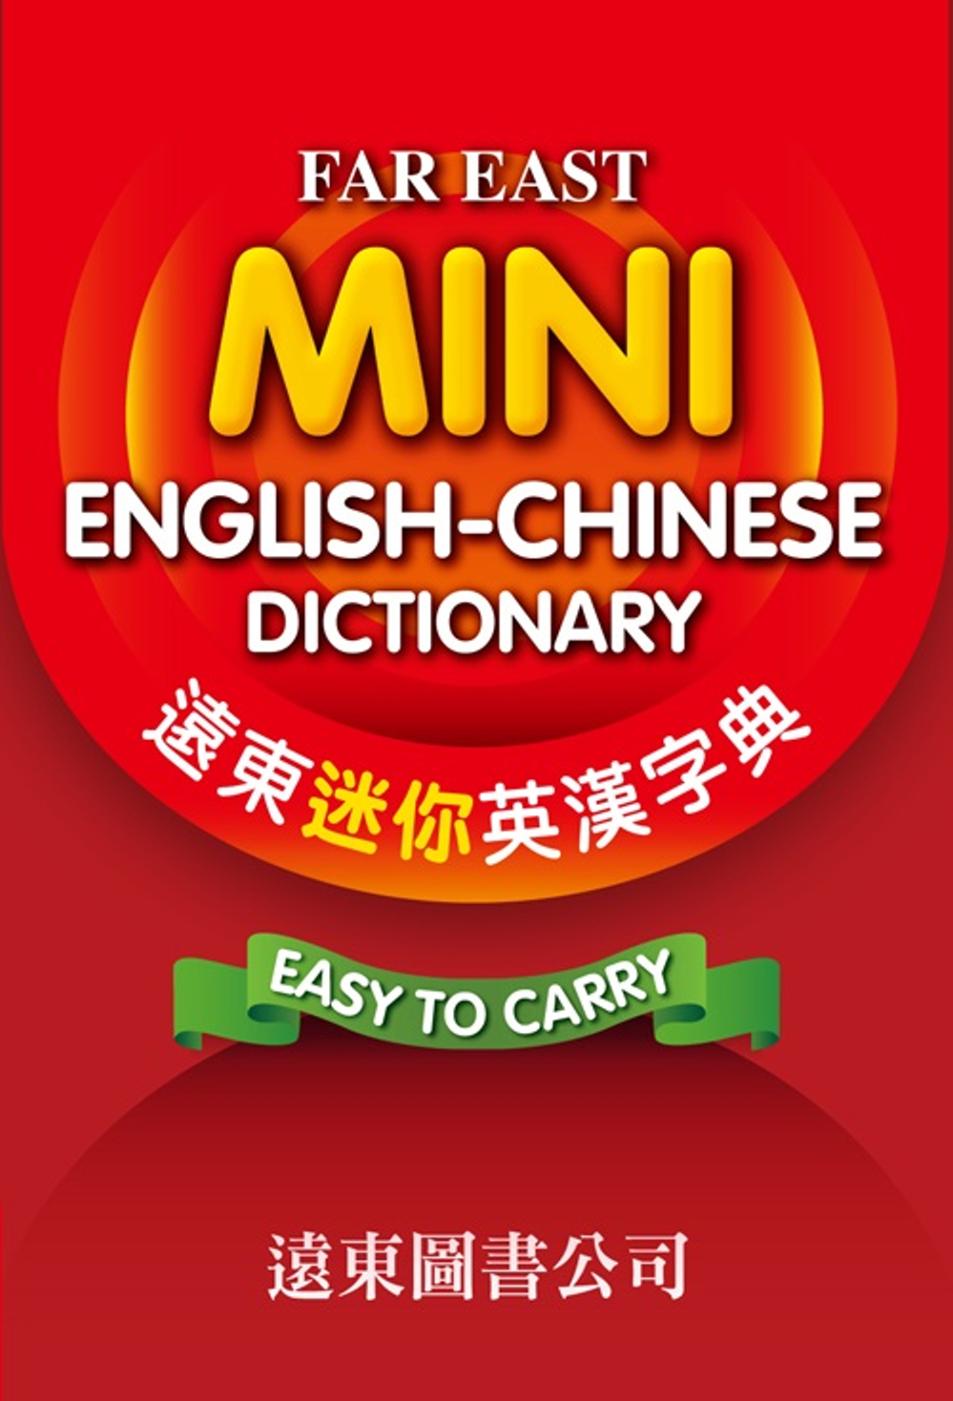 遠東迷你英漢字典